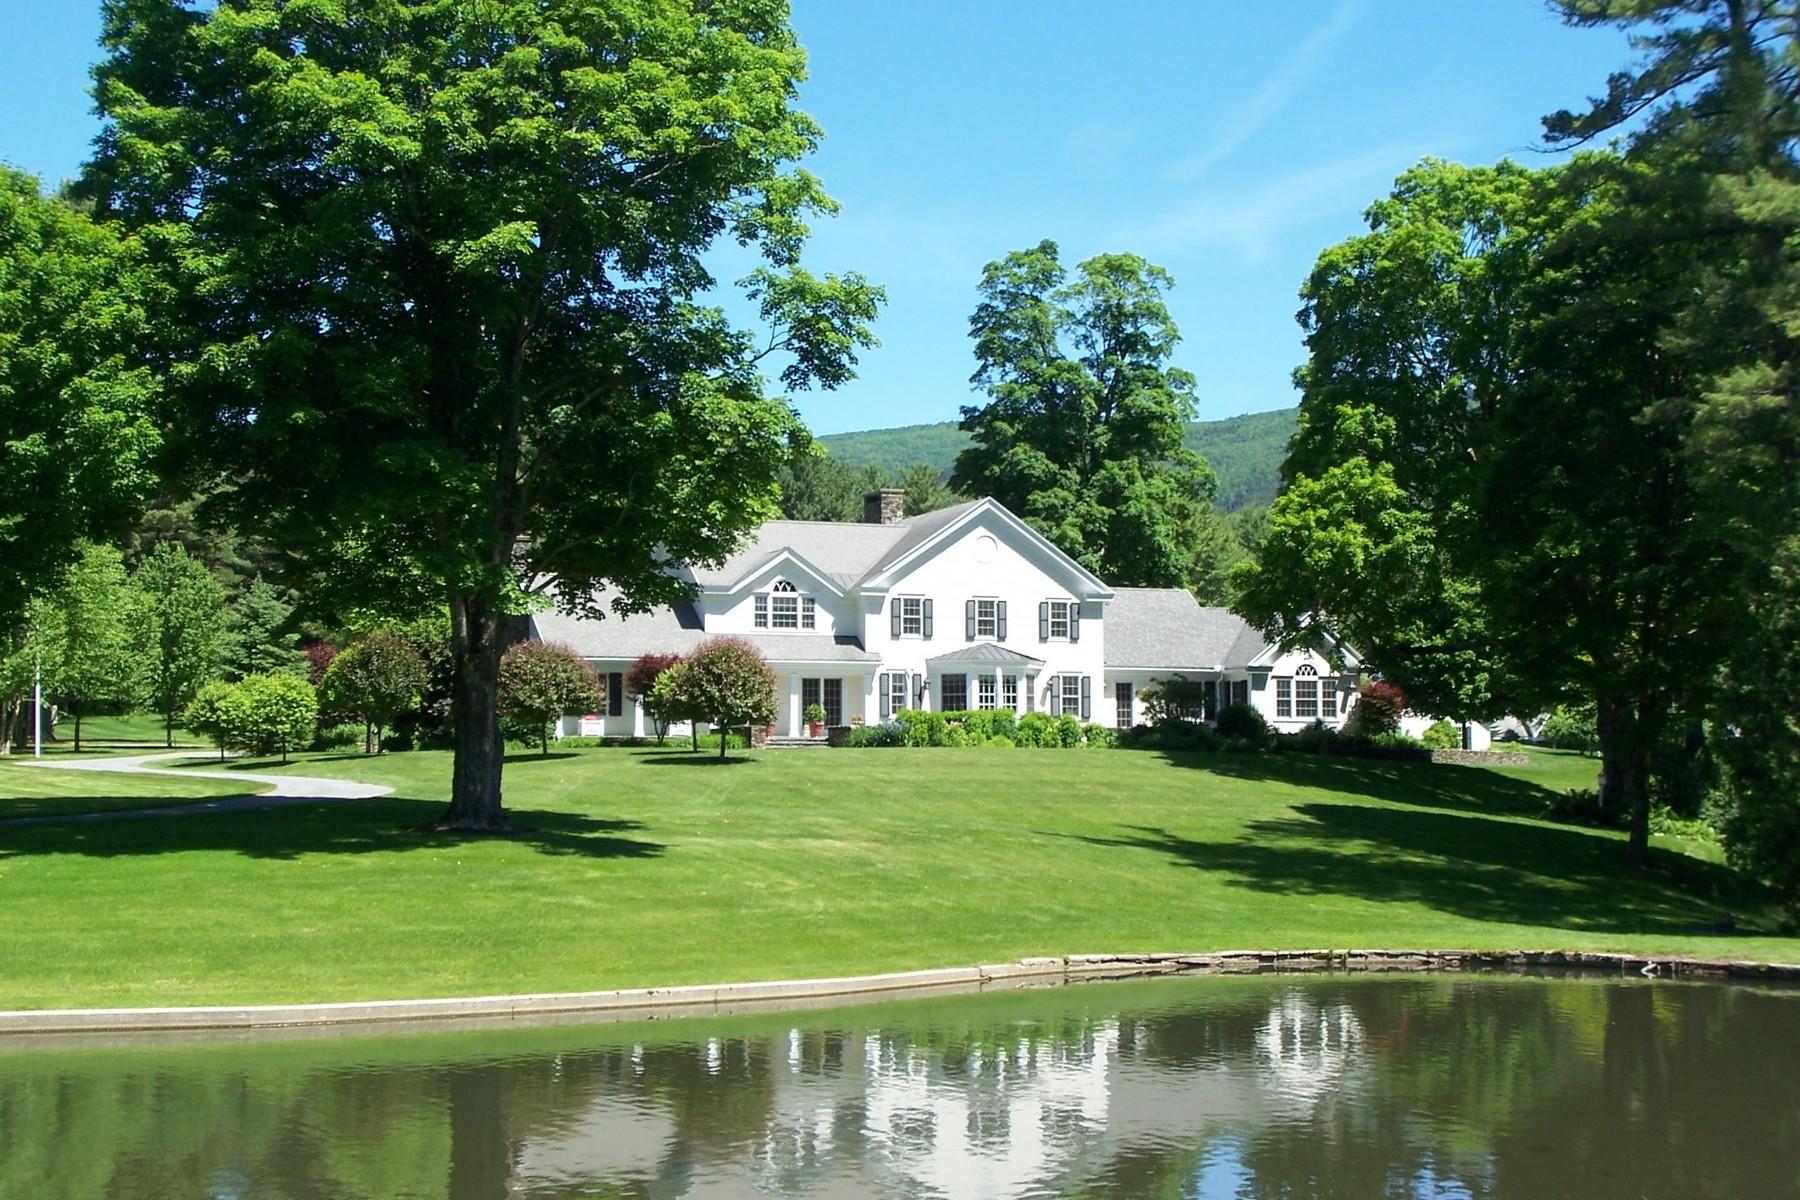 Casa Unifamiliar por un Venta en 155 Cascades Road, Manchester 155 Cascades Rd Manchester, Vermont, 05254 Estados Unidos